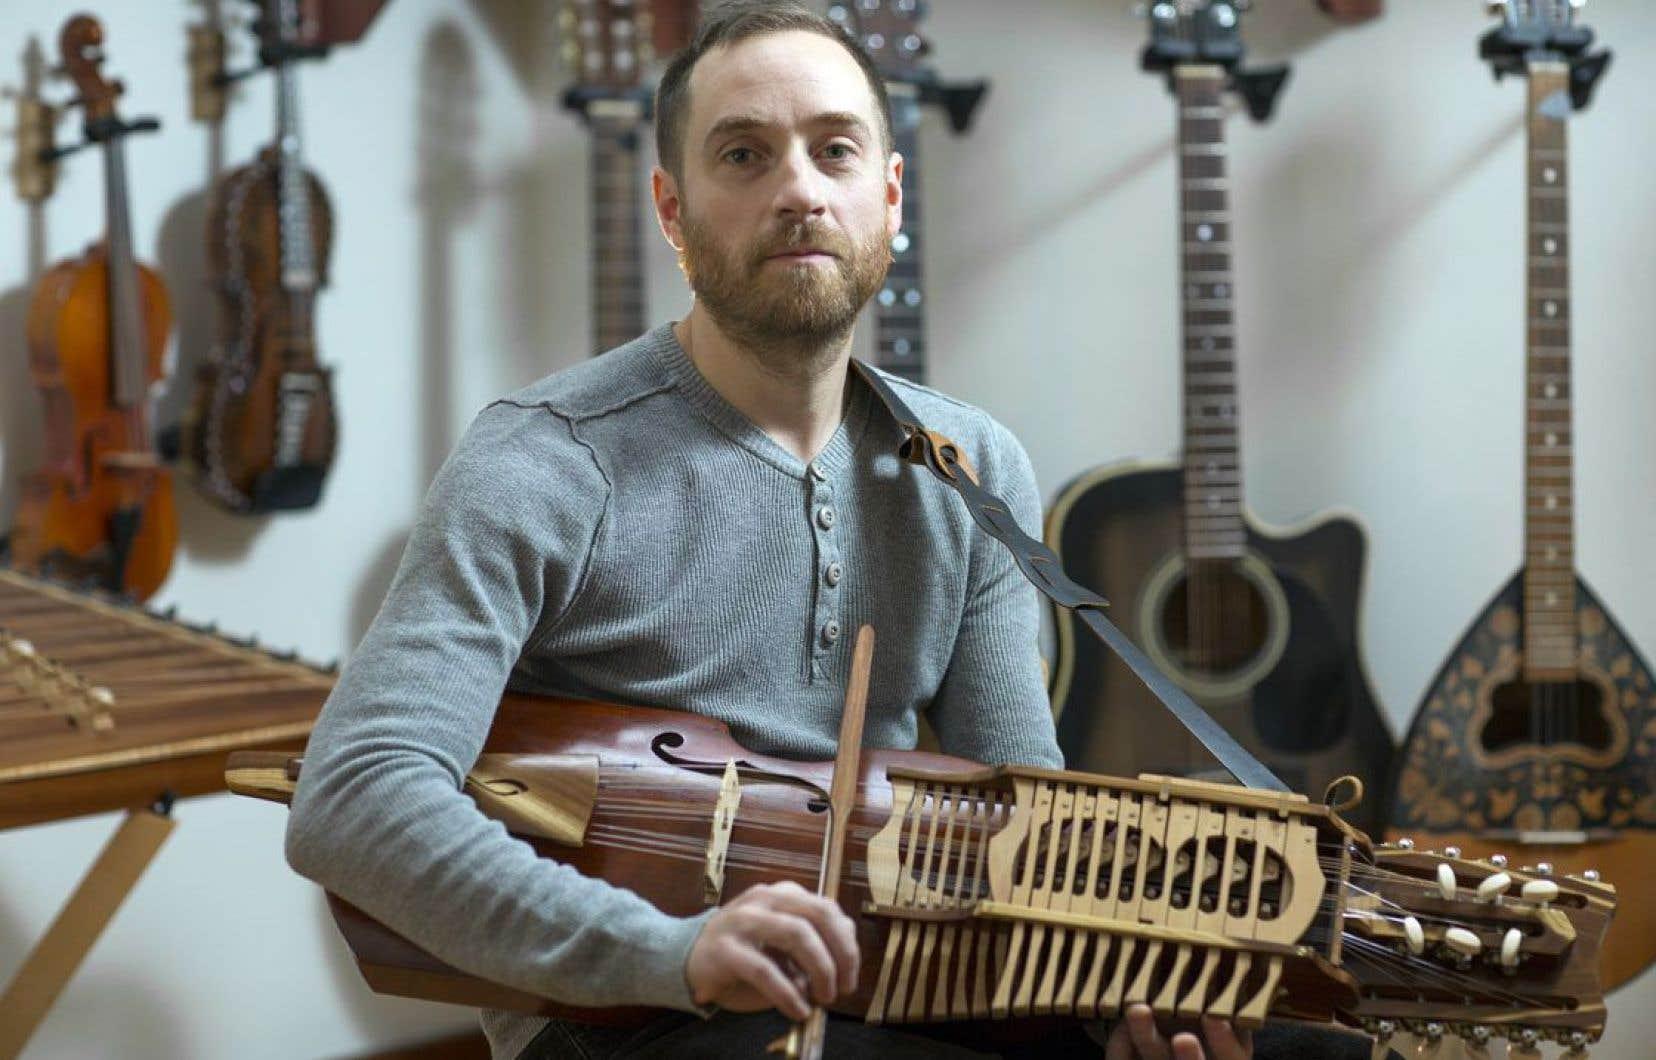 Jean-François Bélanger concocte une musique puissante, portée par les sons des traditions scandinaves.